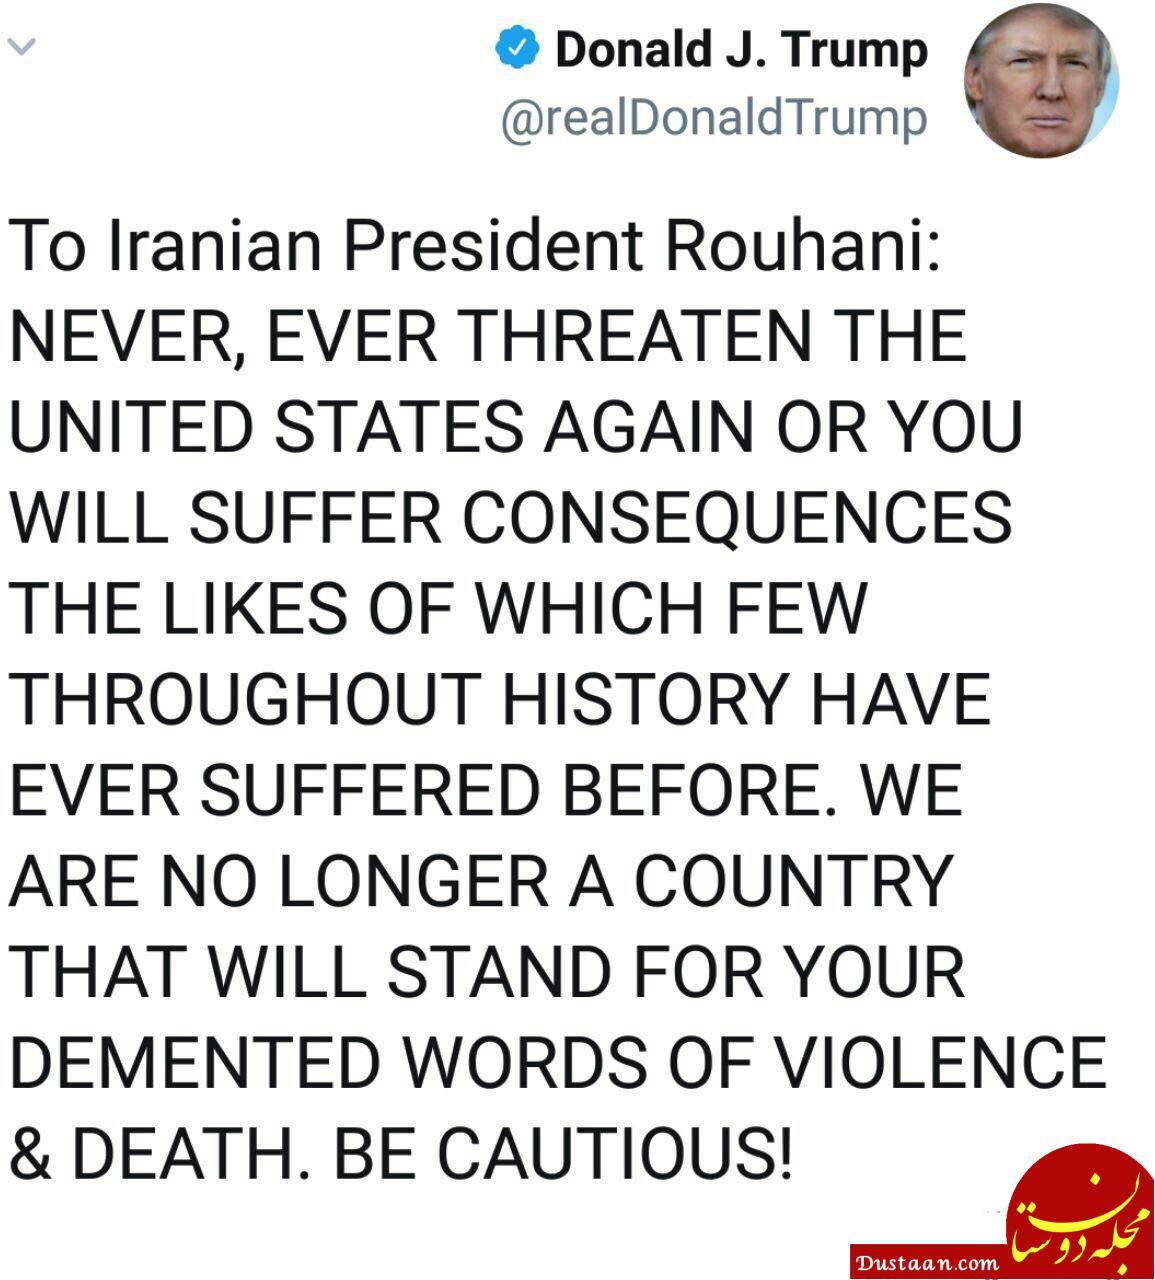 www.dustaan.com ترامپ پاسخ تهدید روحانی را داد: دیگر هرگز آمریکا را تهدید نکن/ شما تاوانش را خواهید داد ...